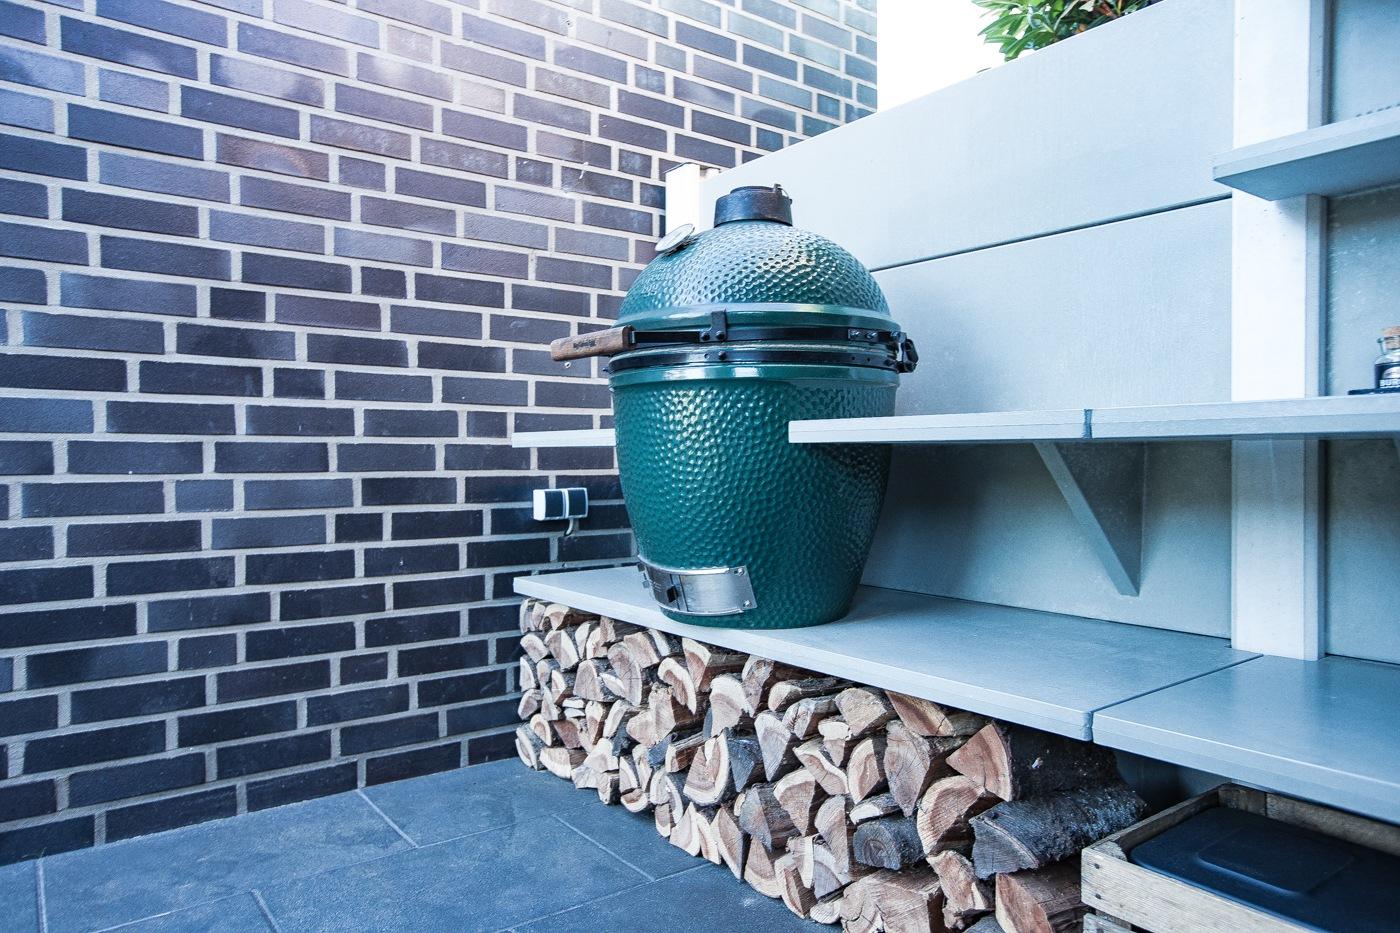 Outdoor Küche Instagram : Die gartenküche outdoorküche im detail grill & bbq blog